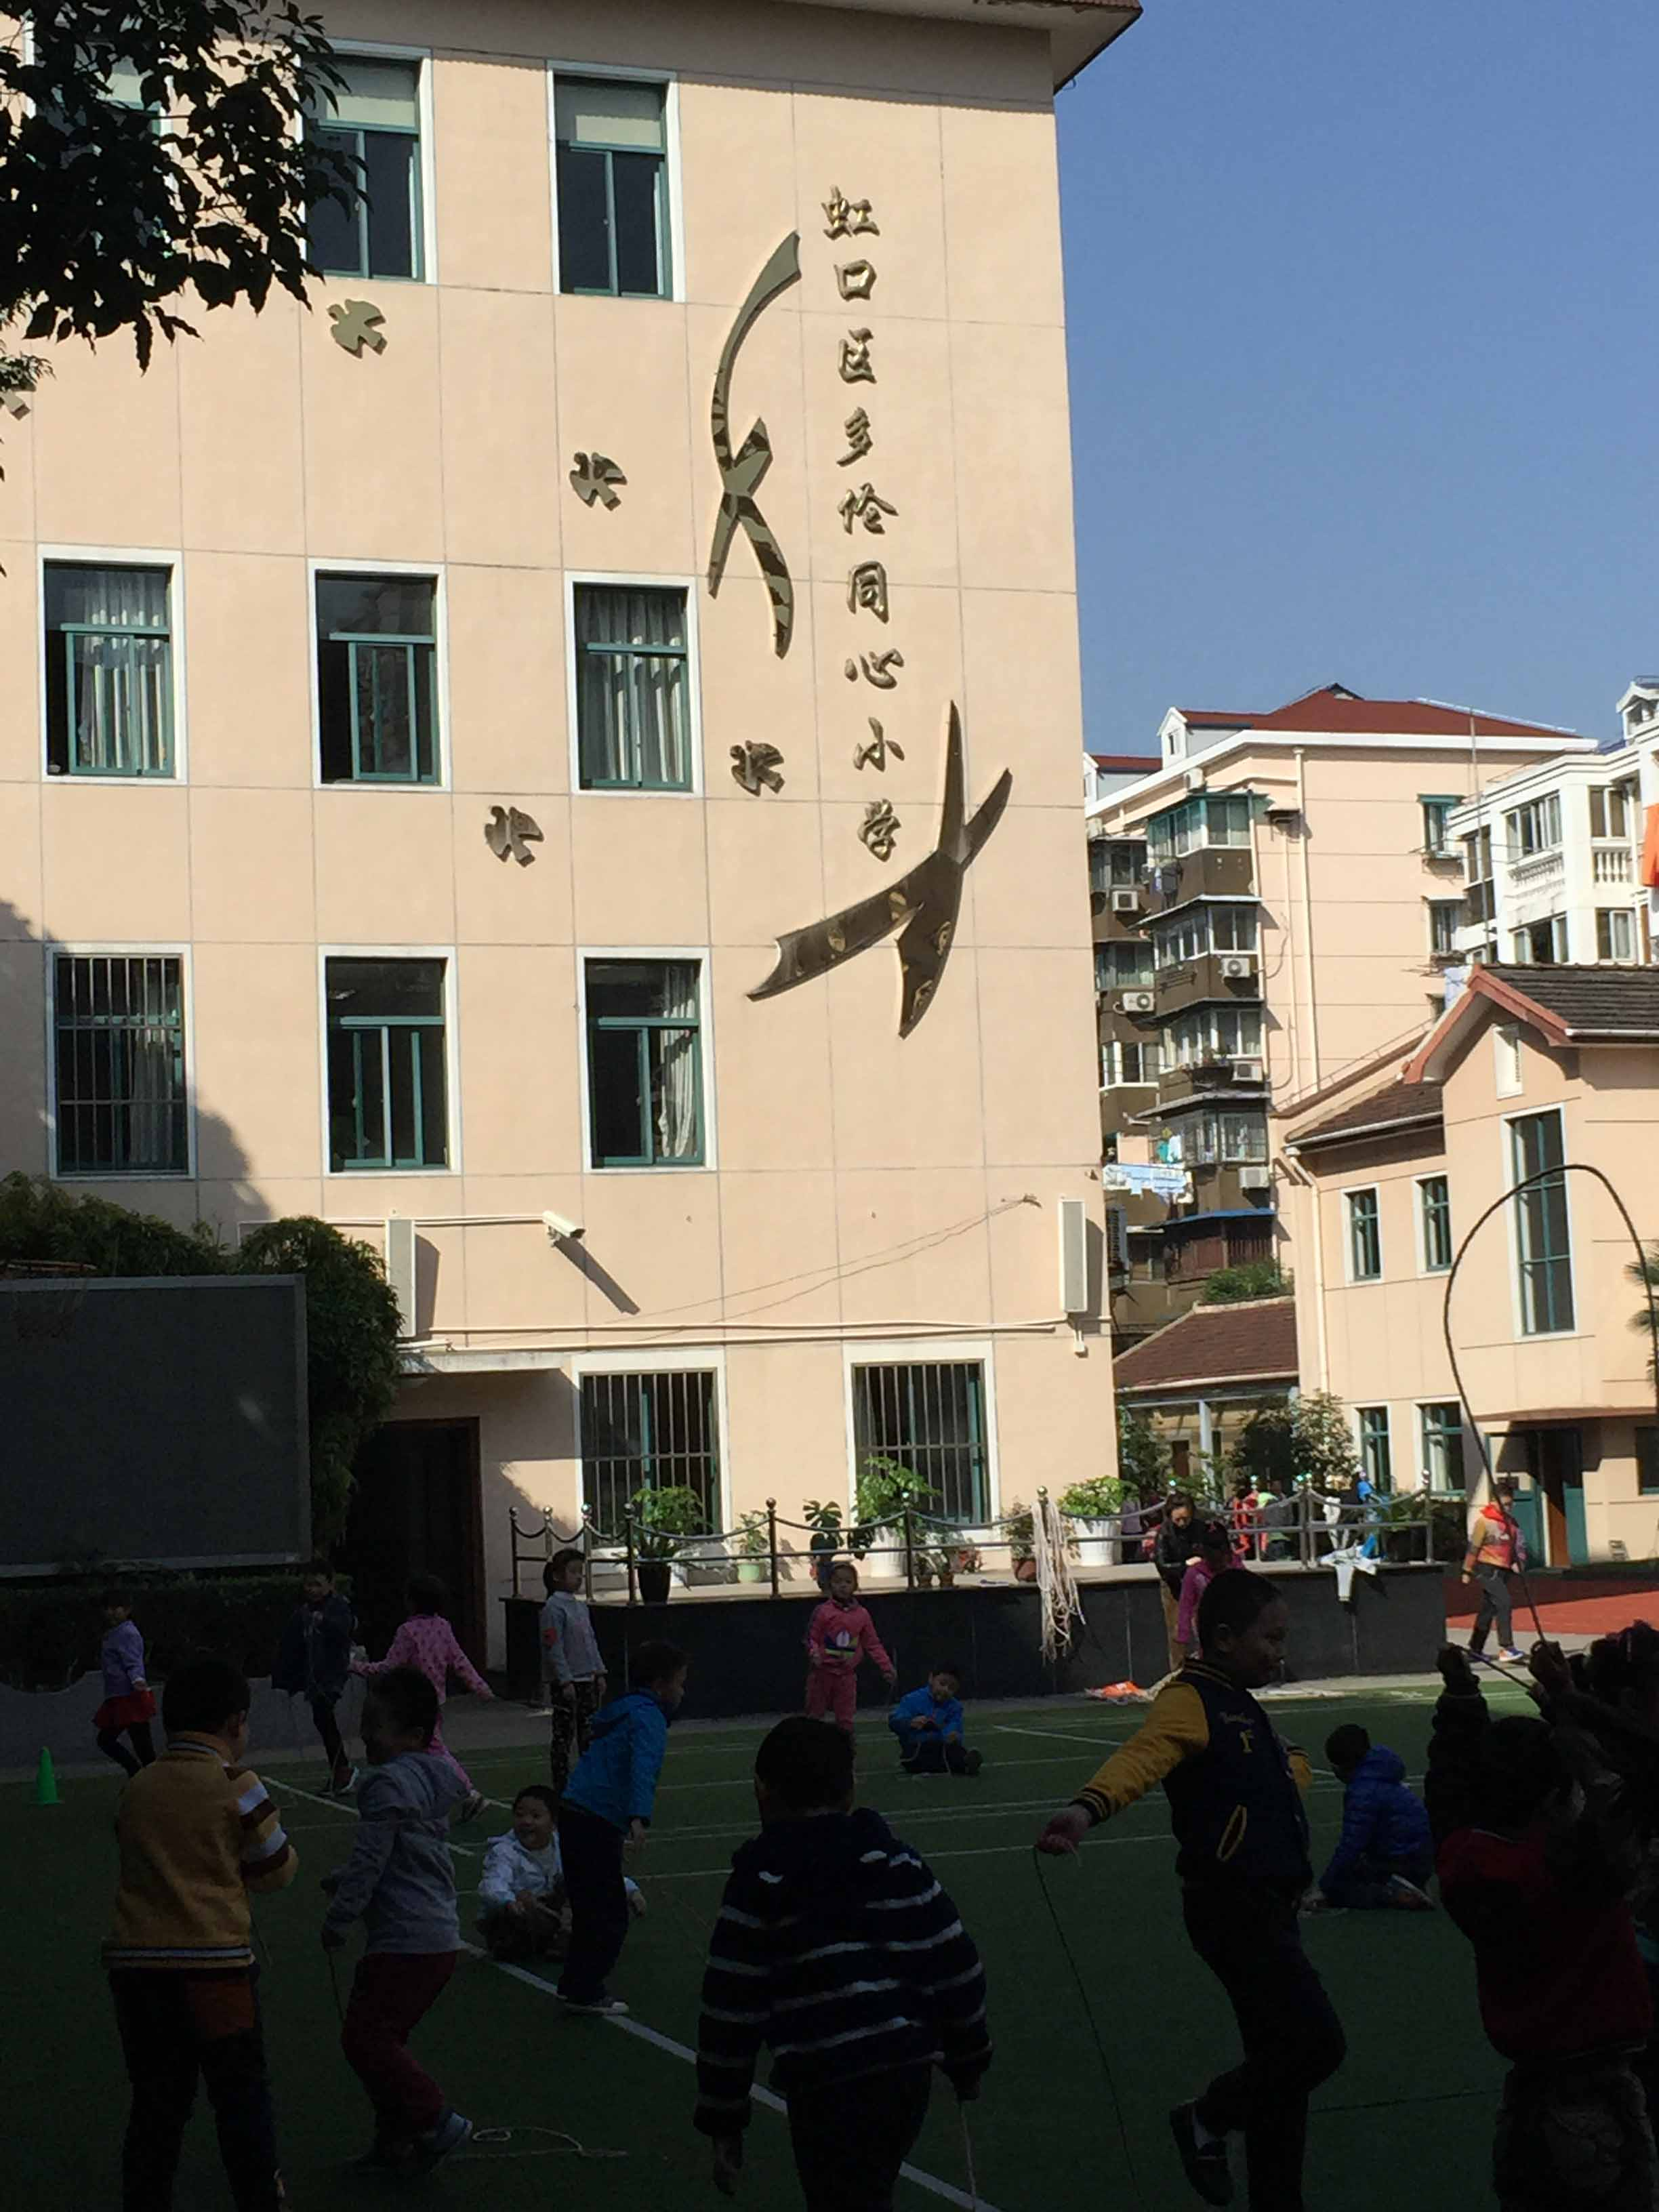 """同心路小学,现与多伦路小学合并,改名为""""同心多伦小学""""。校舍没有任何变动。(配于《去小学的路》一章中).JPG"""